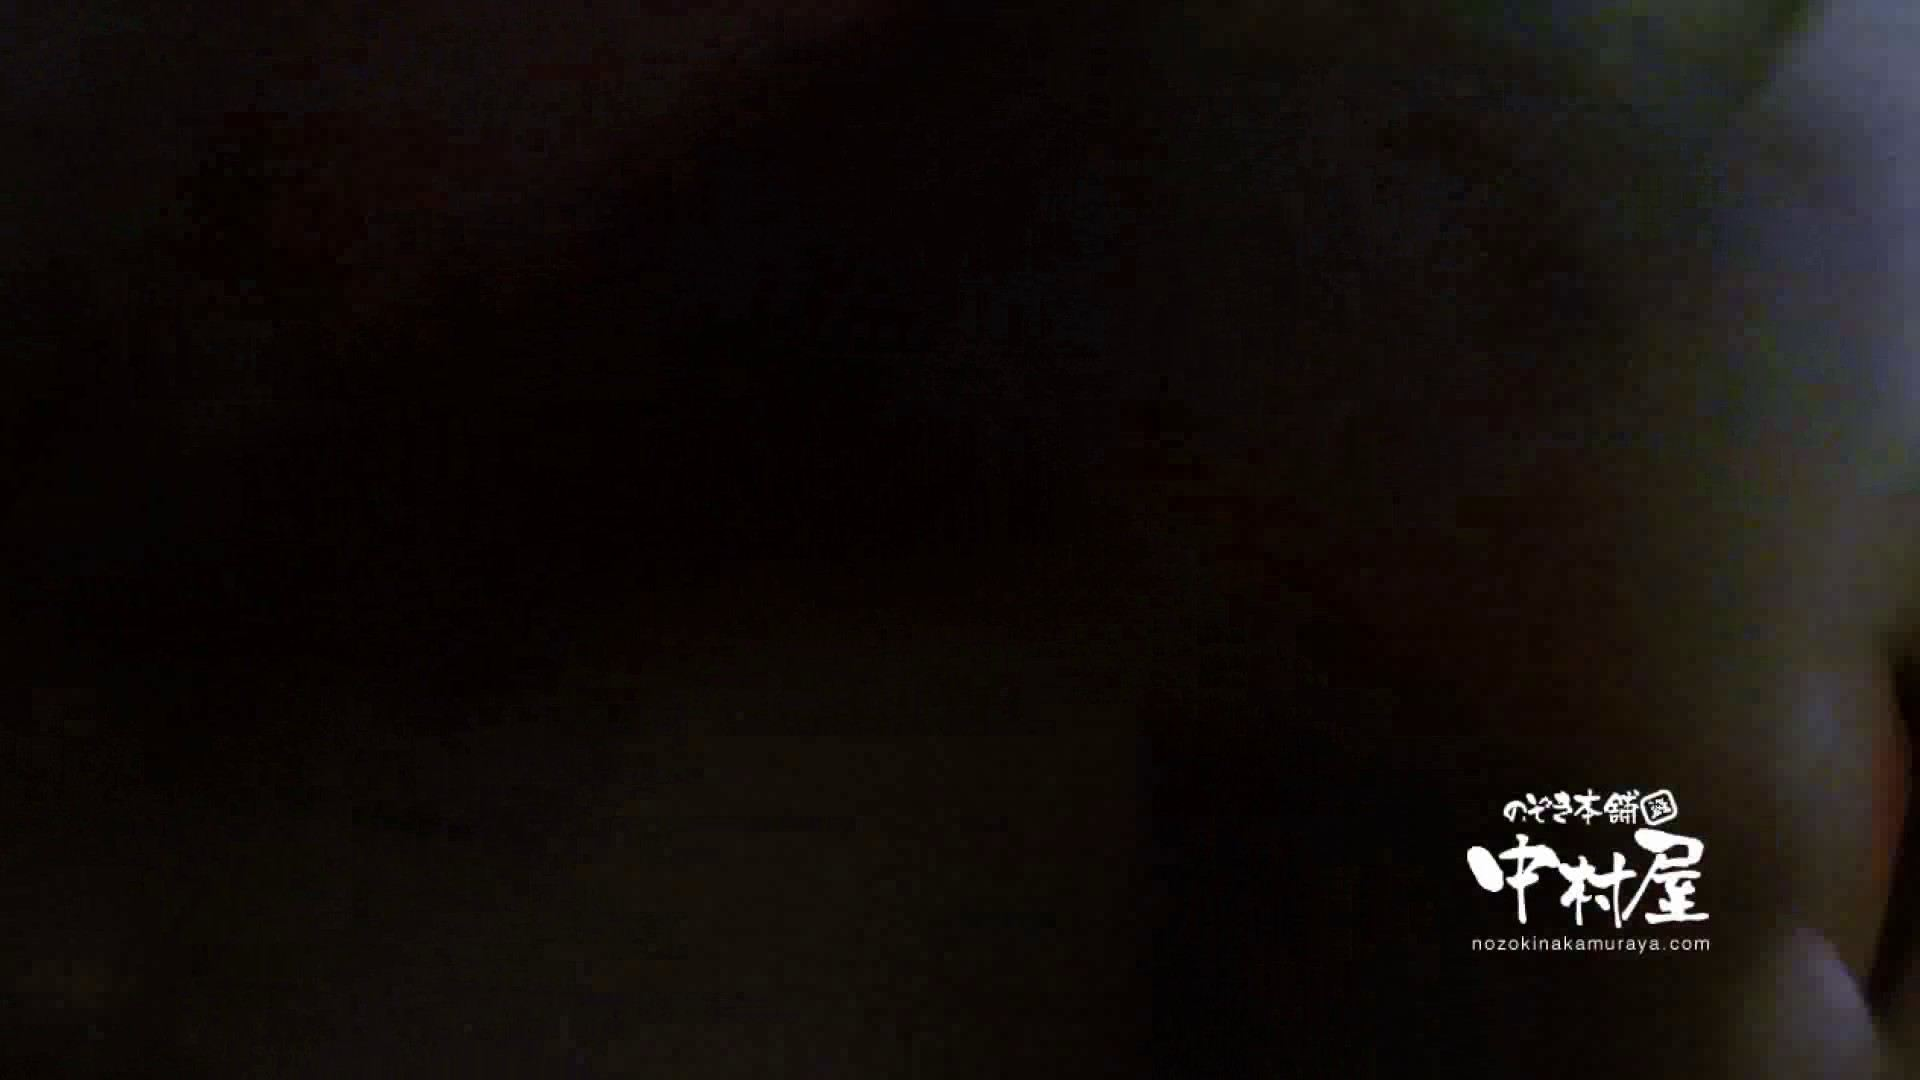 鬼畜 vol.08 極悪!妊娠覚悟の中出し! 前編 美女OL ぱこり動画紹介 84連発 56